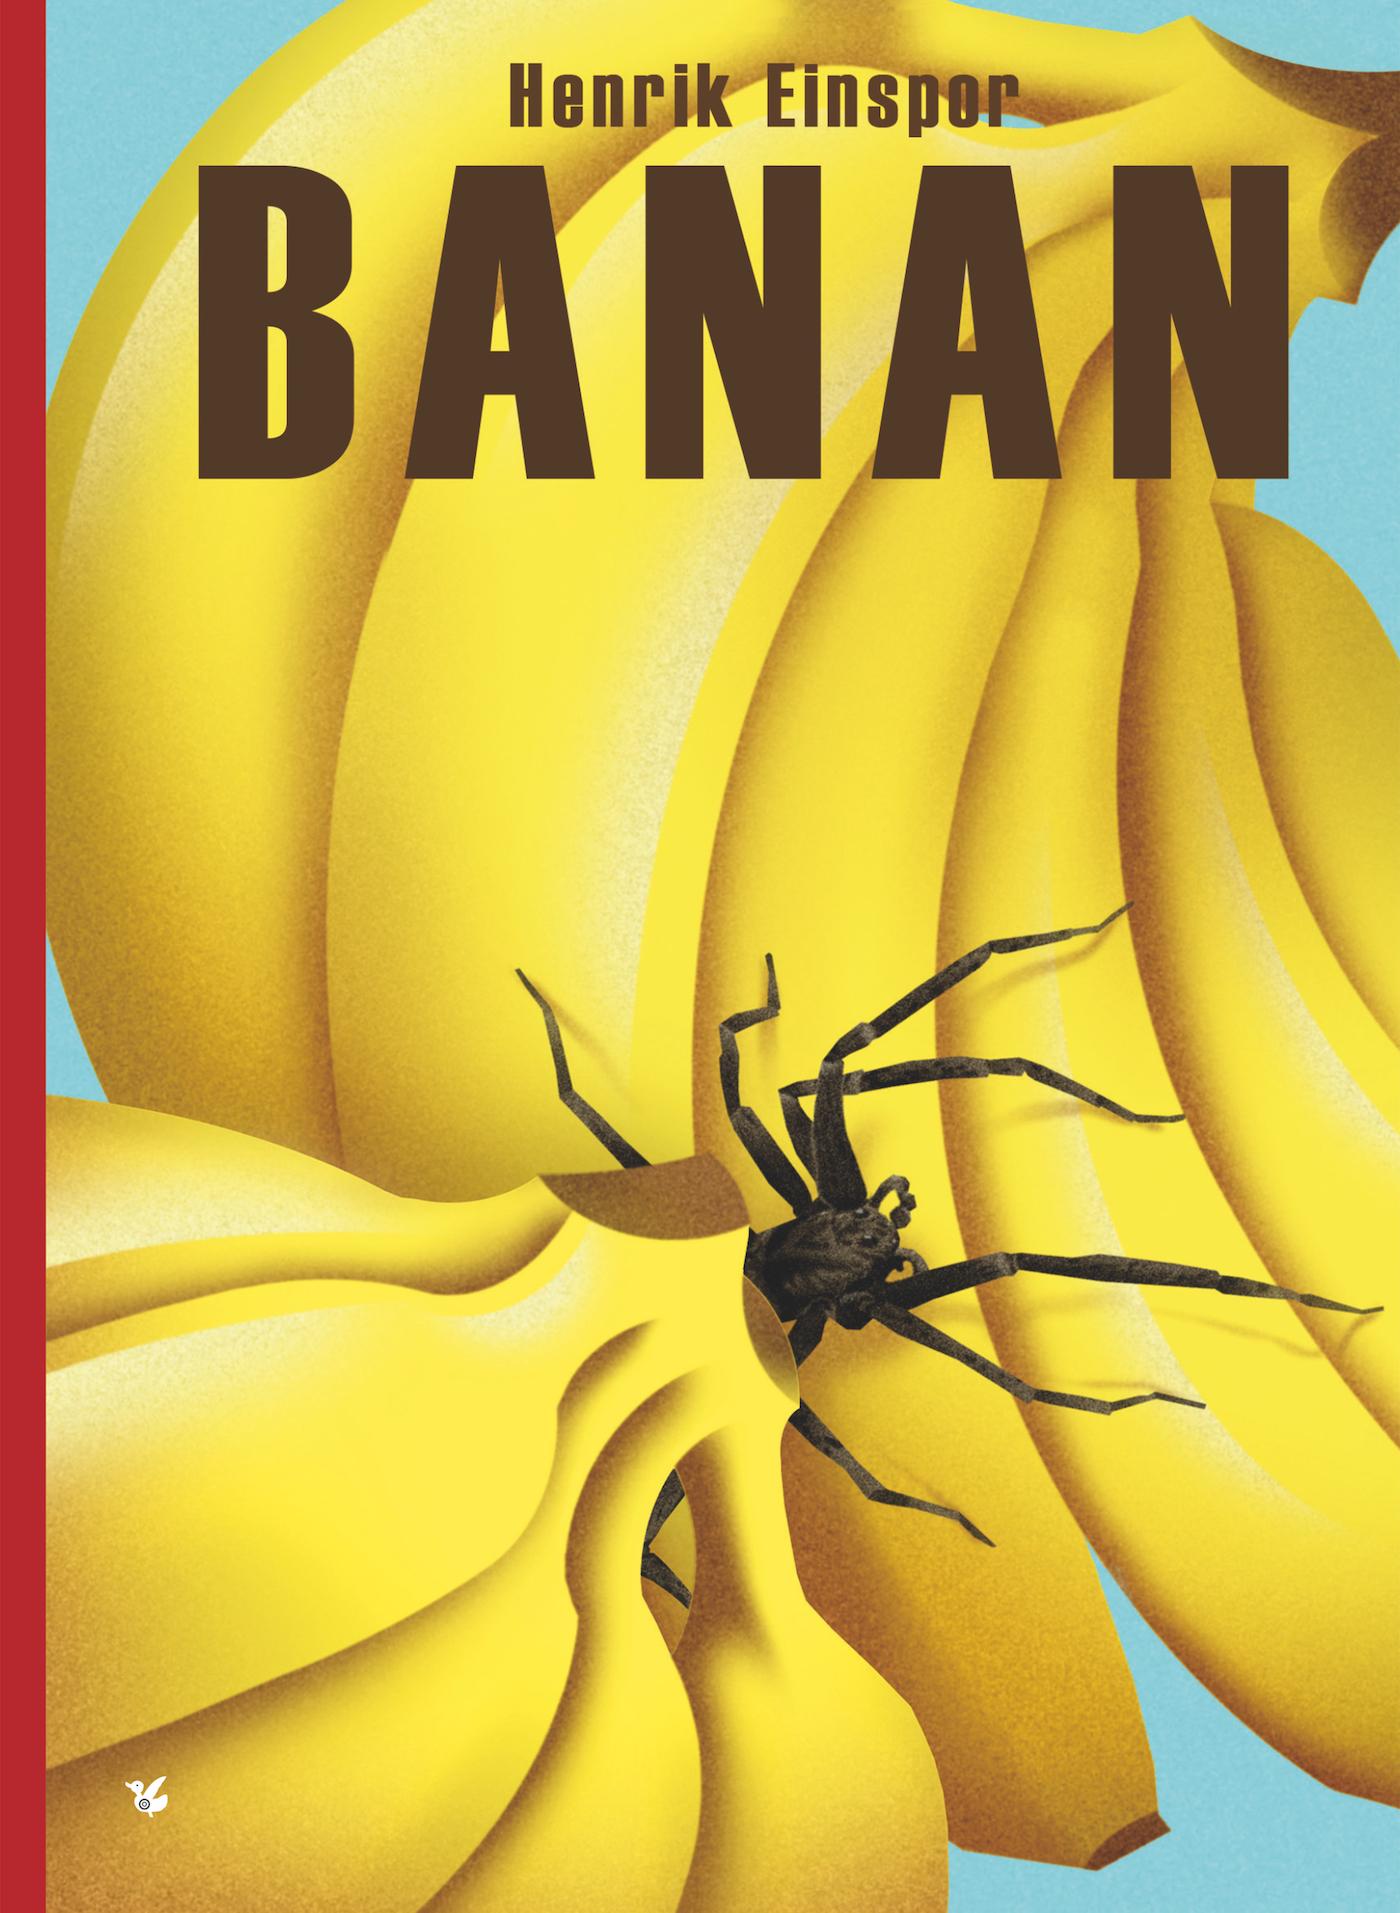 Banan - Henrik Einspor - Bøger - Løse Ænder - 9788793636835 - 9/4-2021